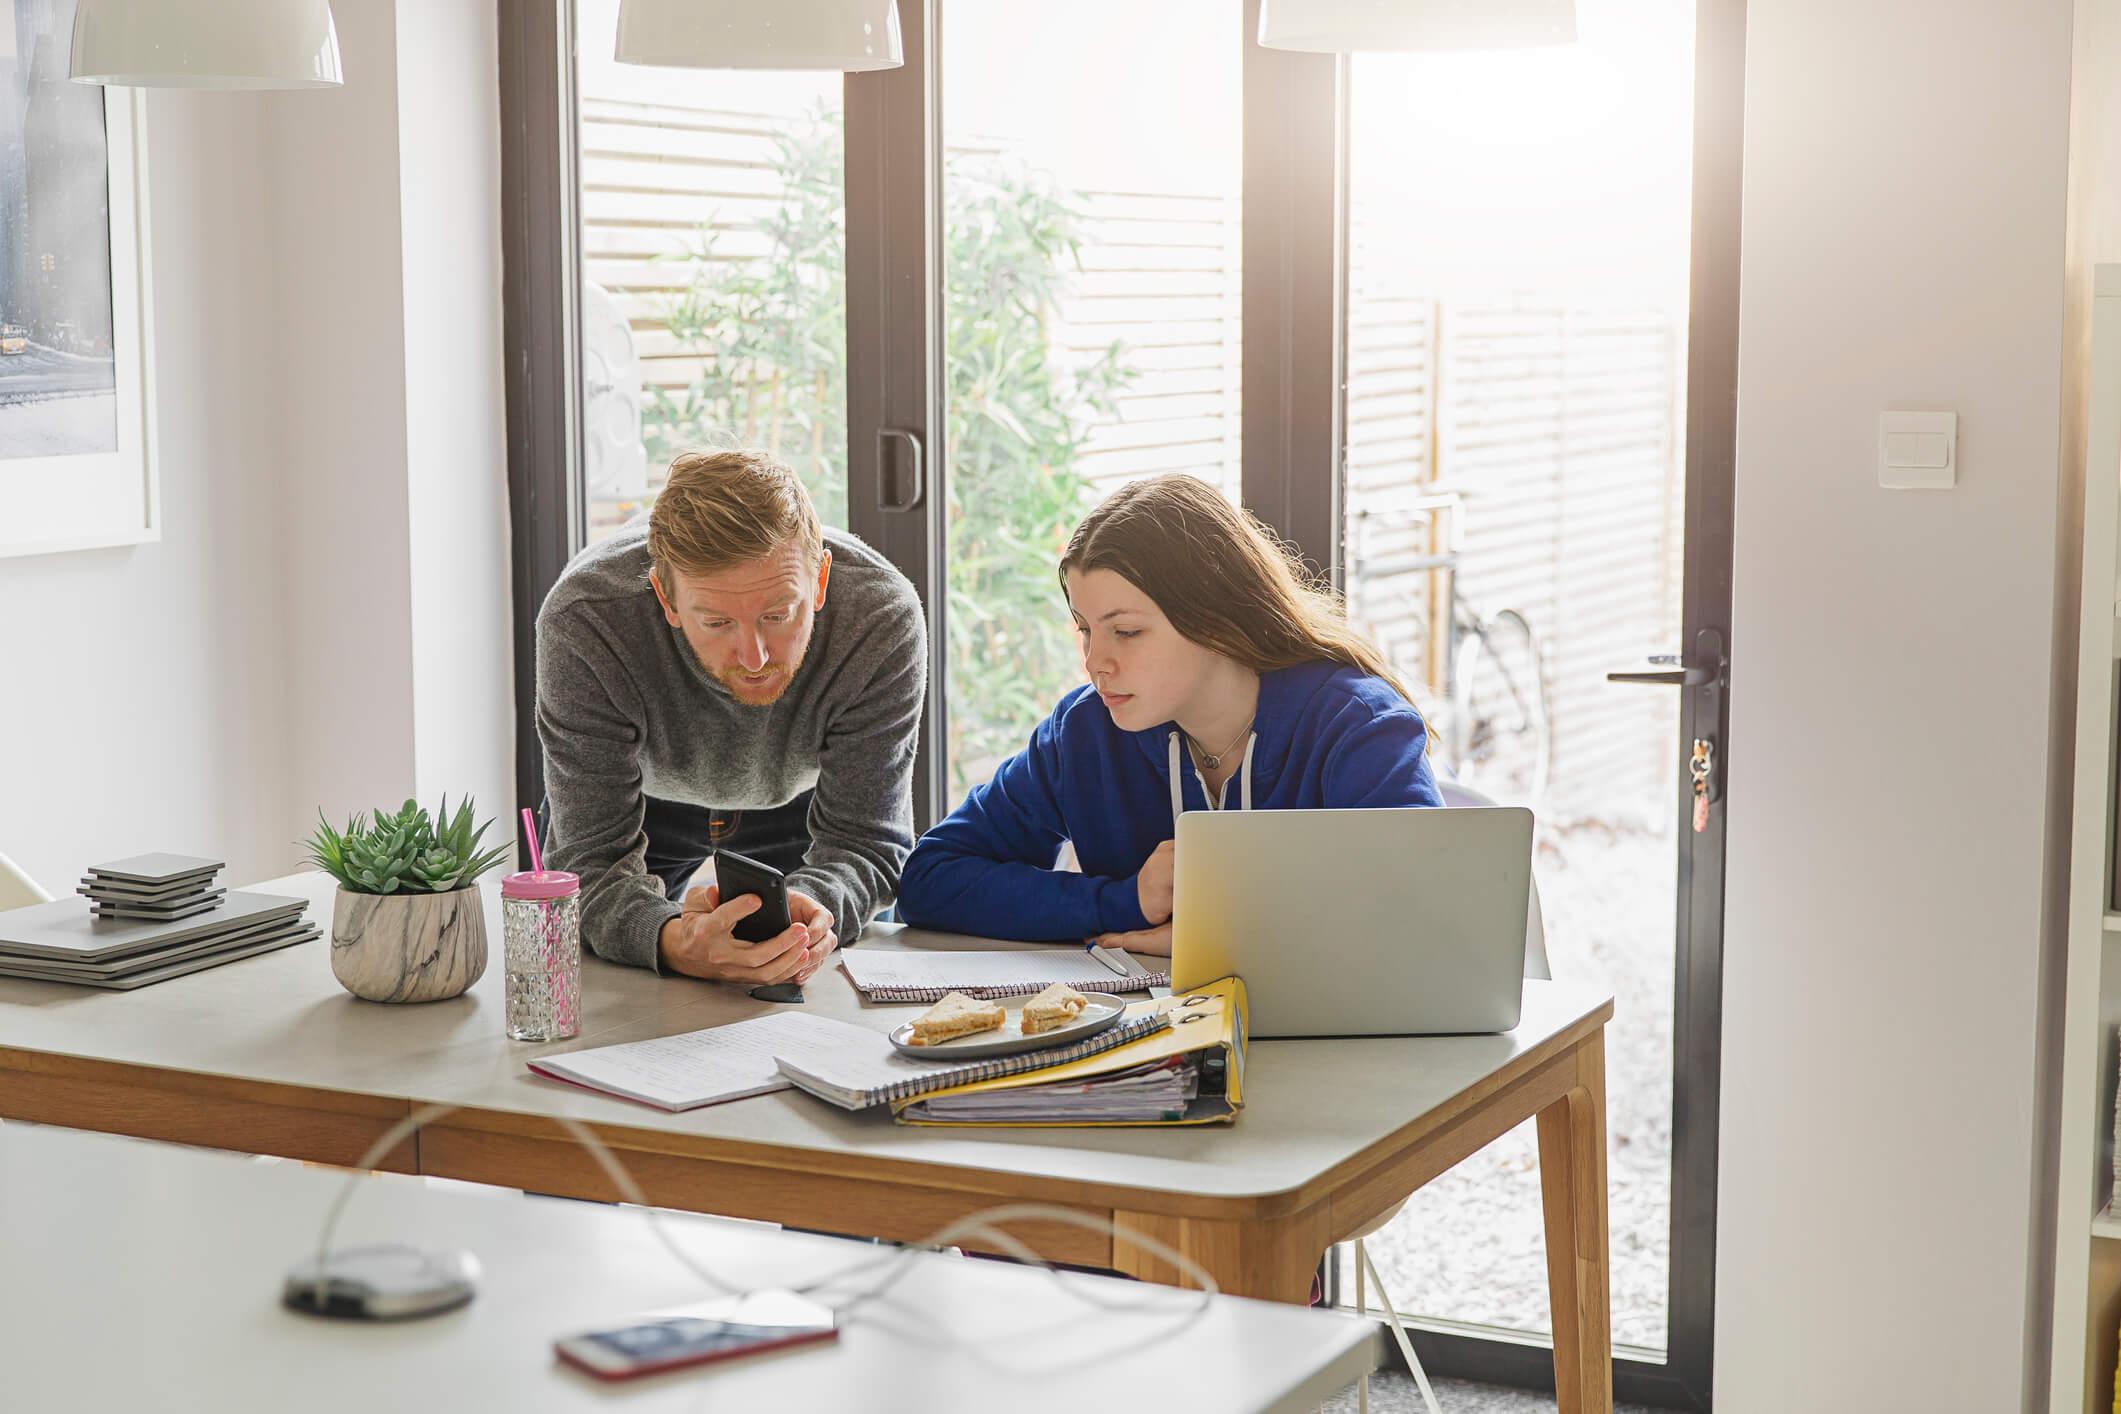 Père et fille regardant smartphone et ordinateur dans un bureau lumineux du domicile